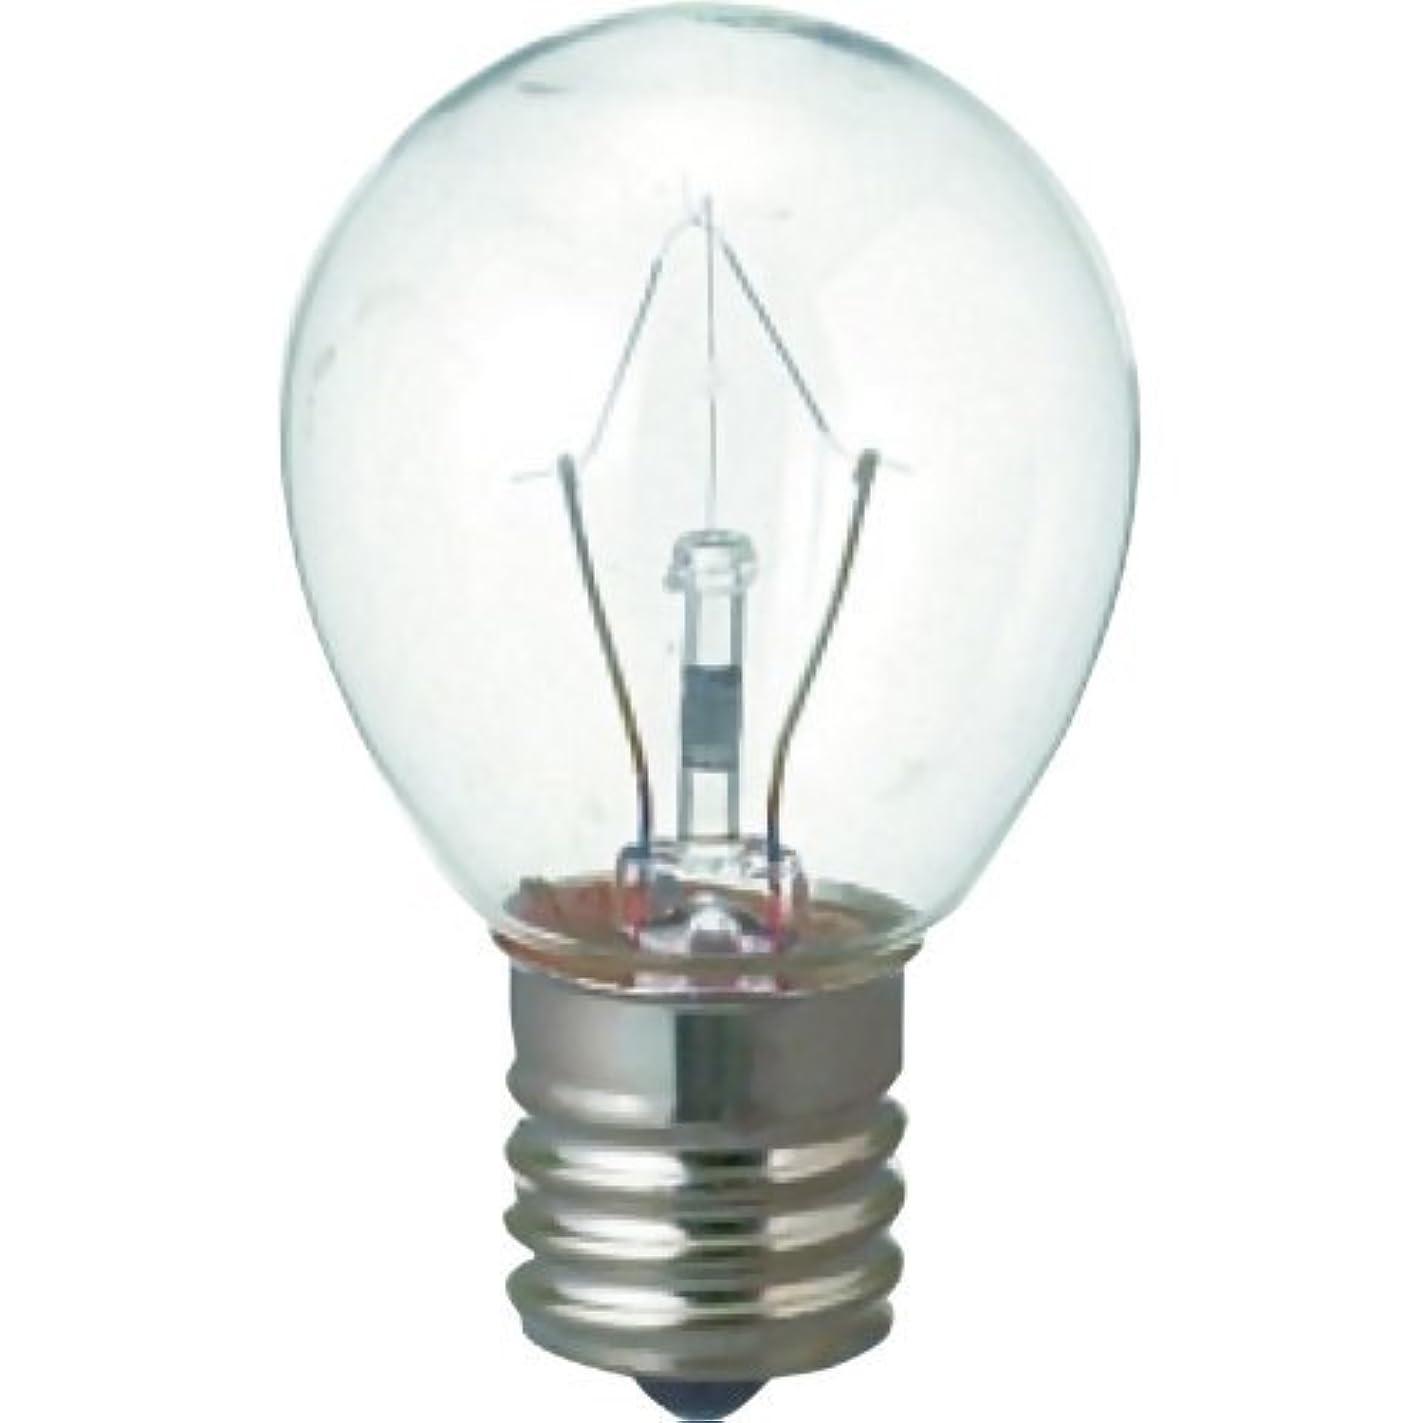 残酷な守銭奴魔女アロマランプ電球 100V25W